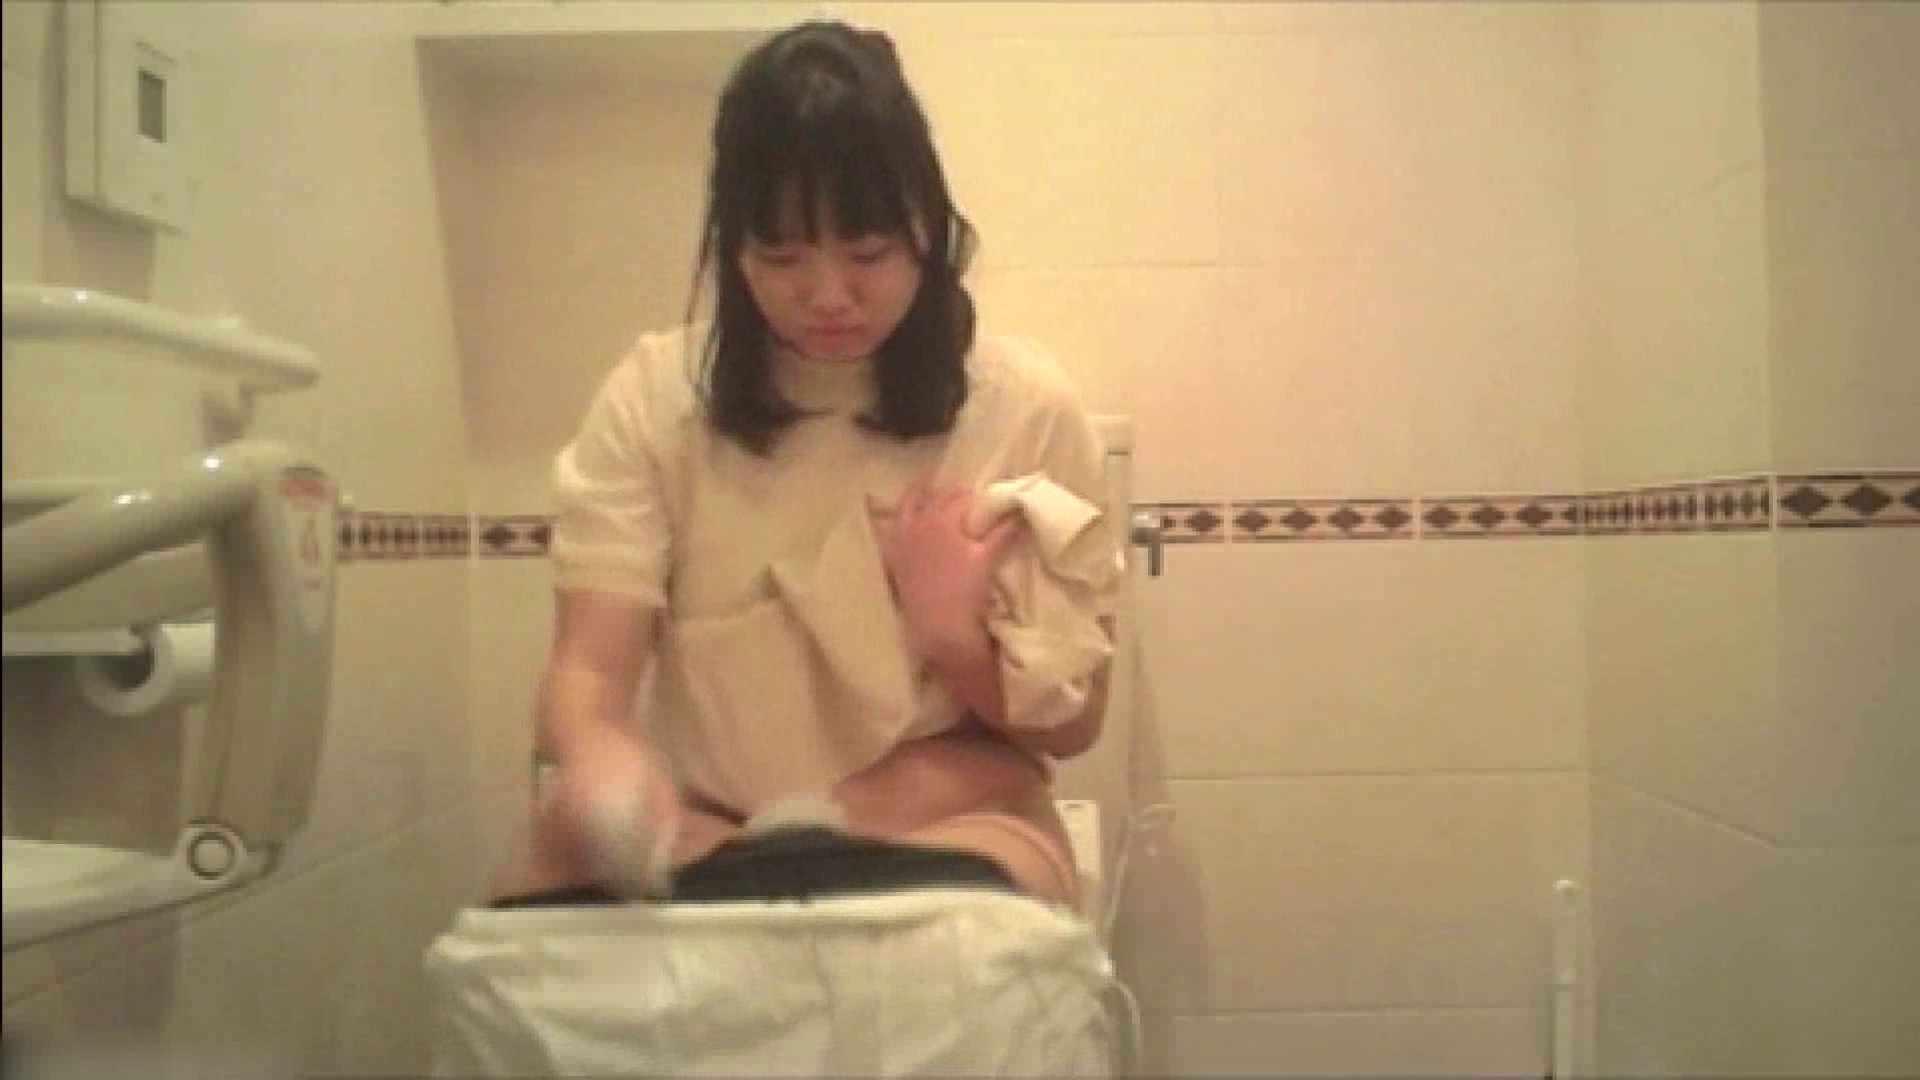 実録!!綺麗なお姉さんのトイレ事情・・・。vol.18 お姉さん丸裸 オマンコ動画キャプチャ 74pic 2